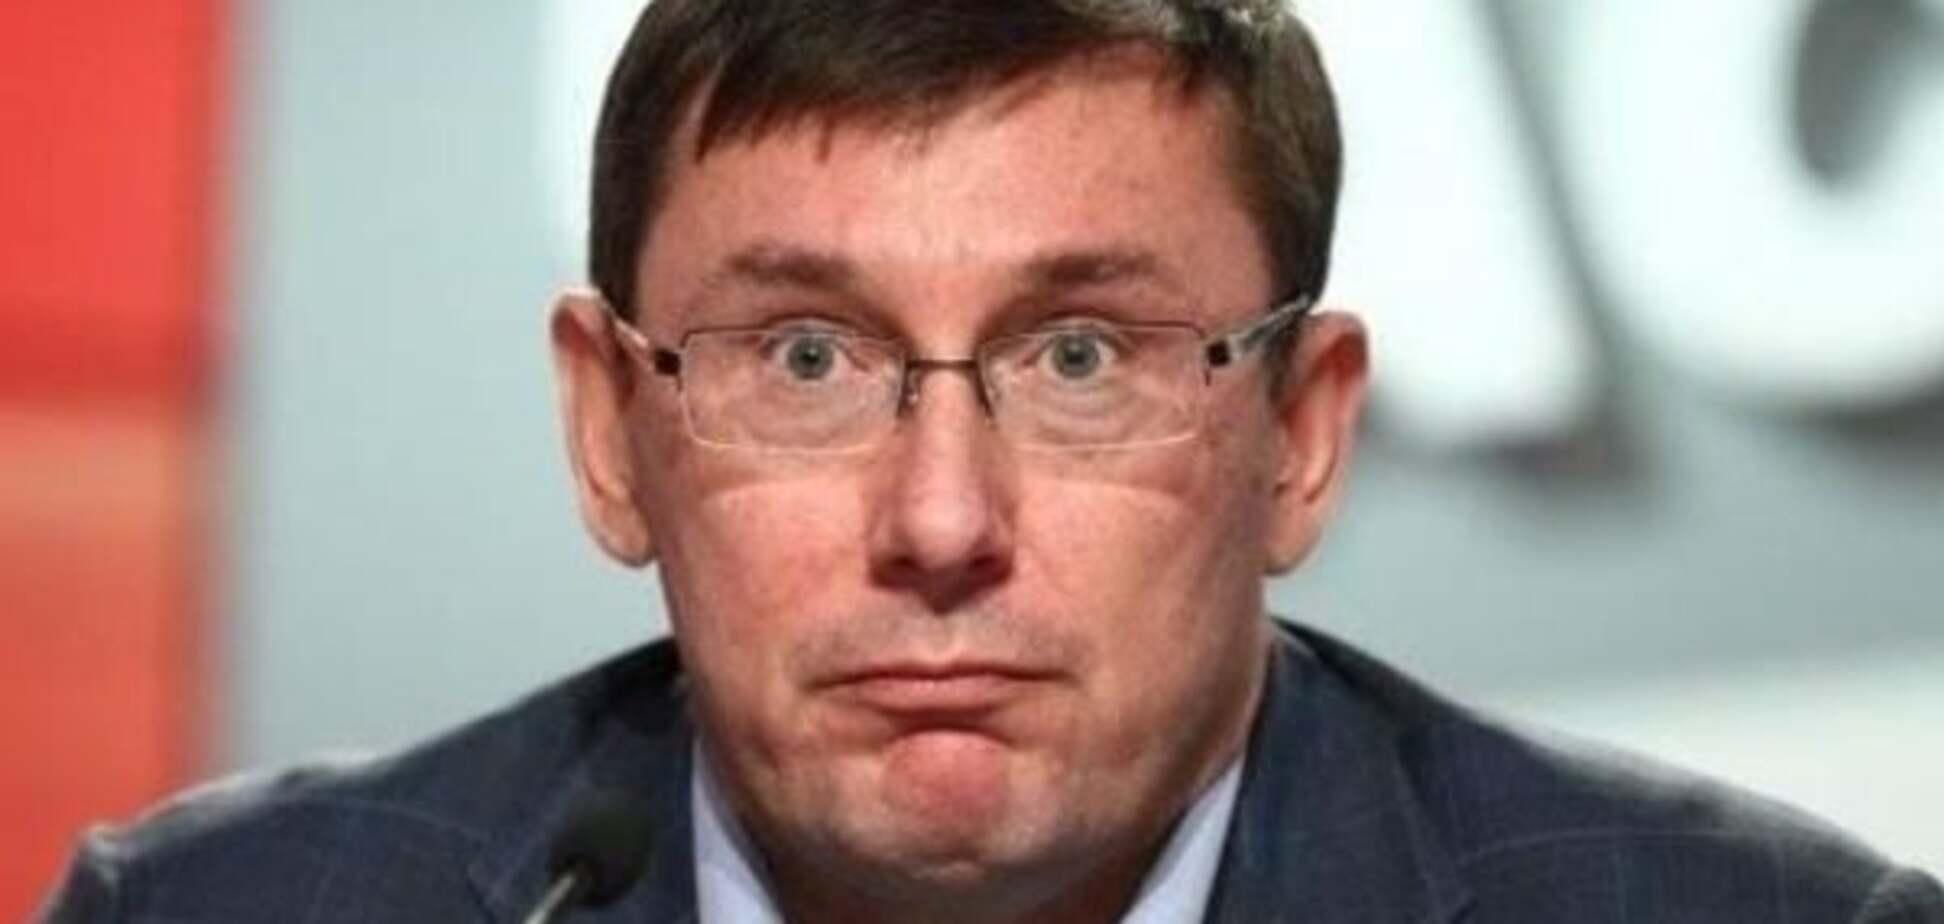 Адвокат ГРУшника Єрофєєва хоче викликати на допит лідера БПП Луценка